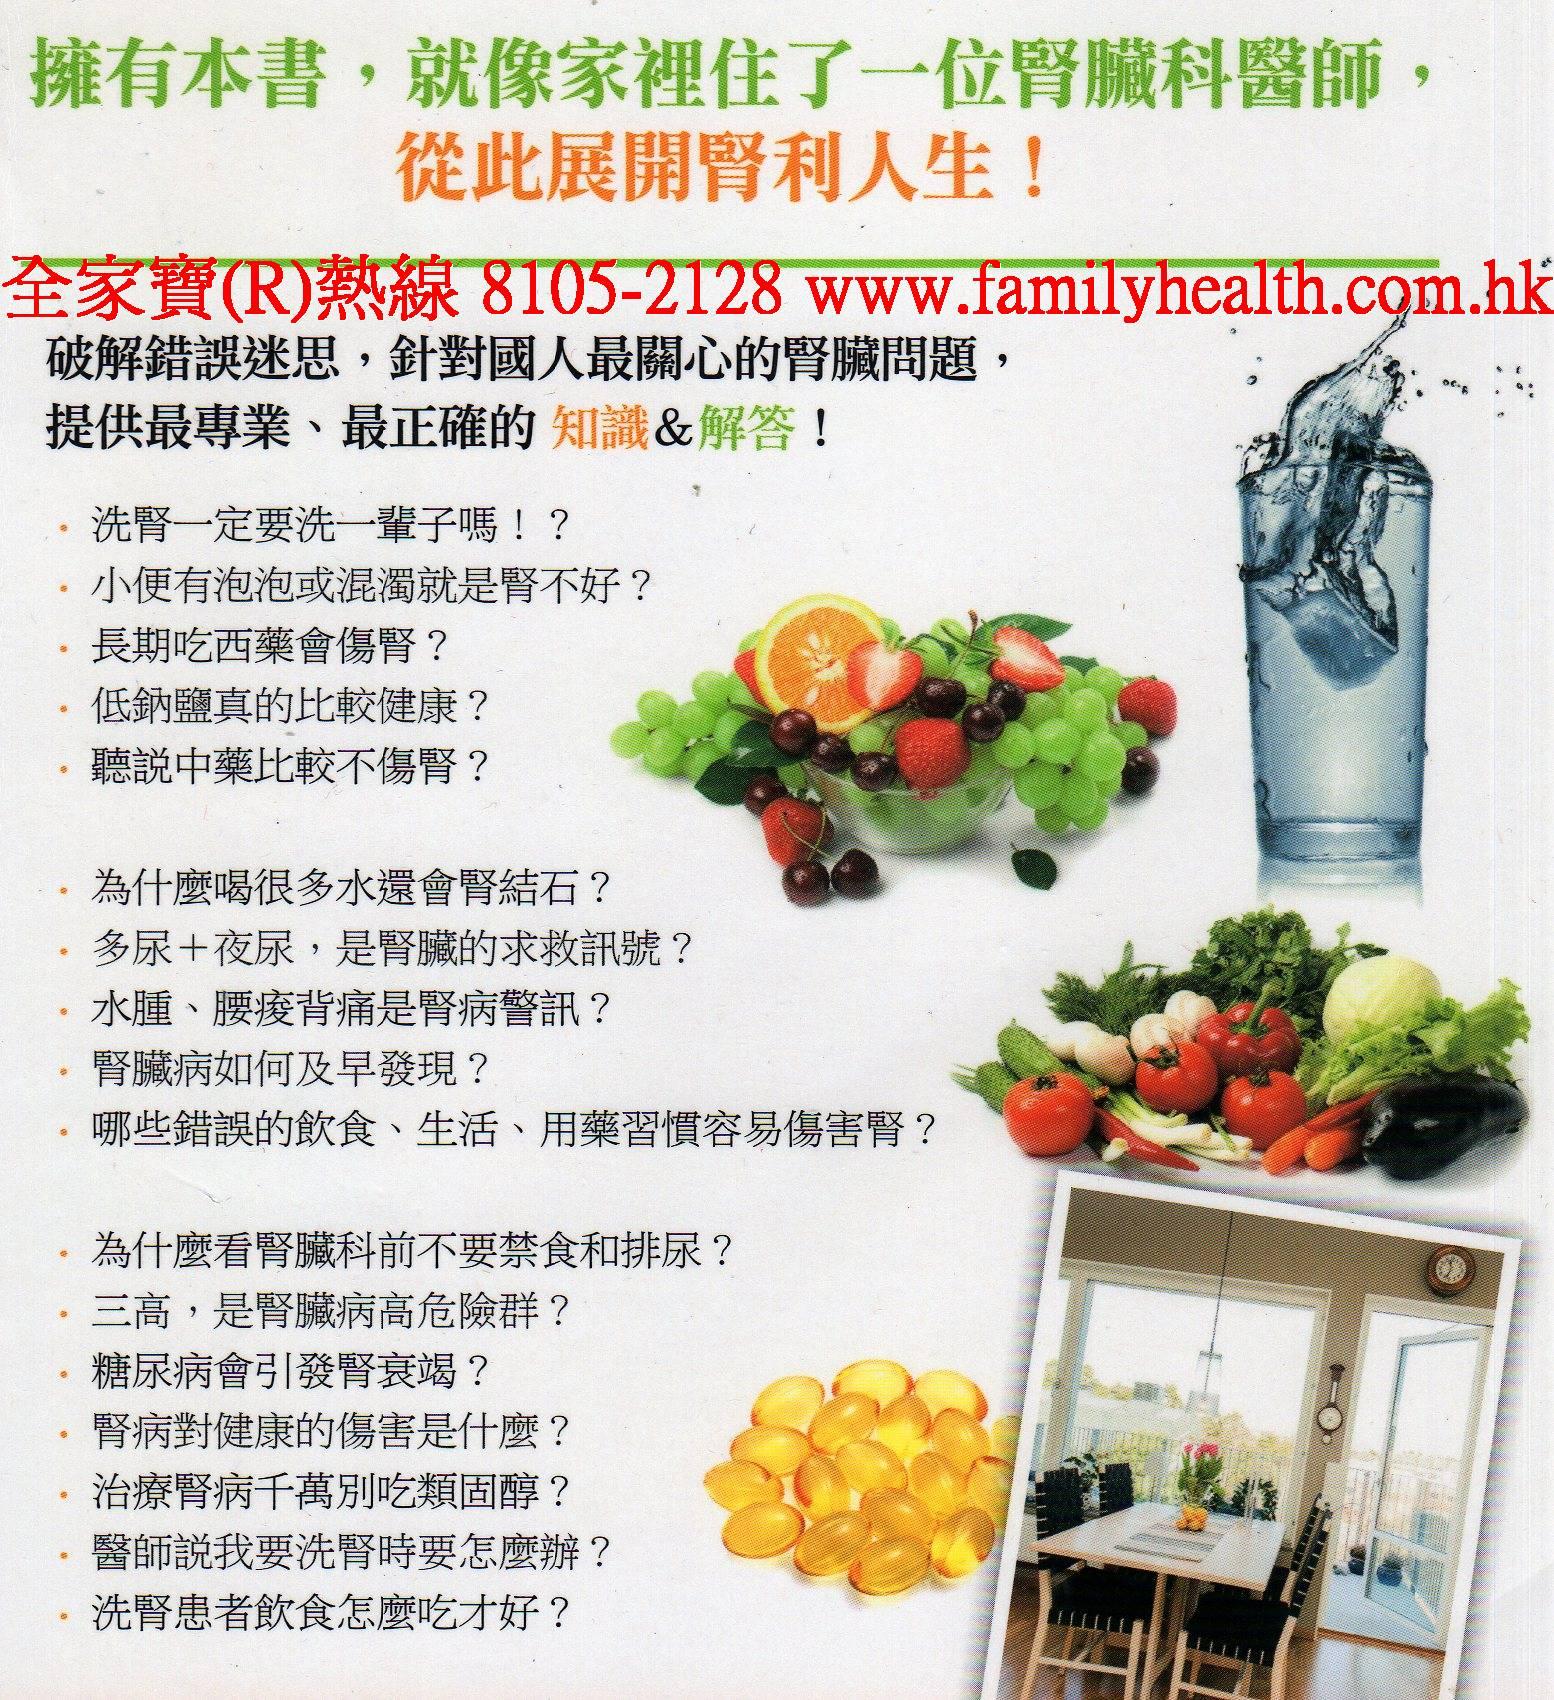 http://www.familyhealth.com.hk/files/full/1024_1.jpg